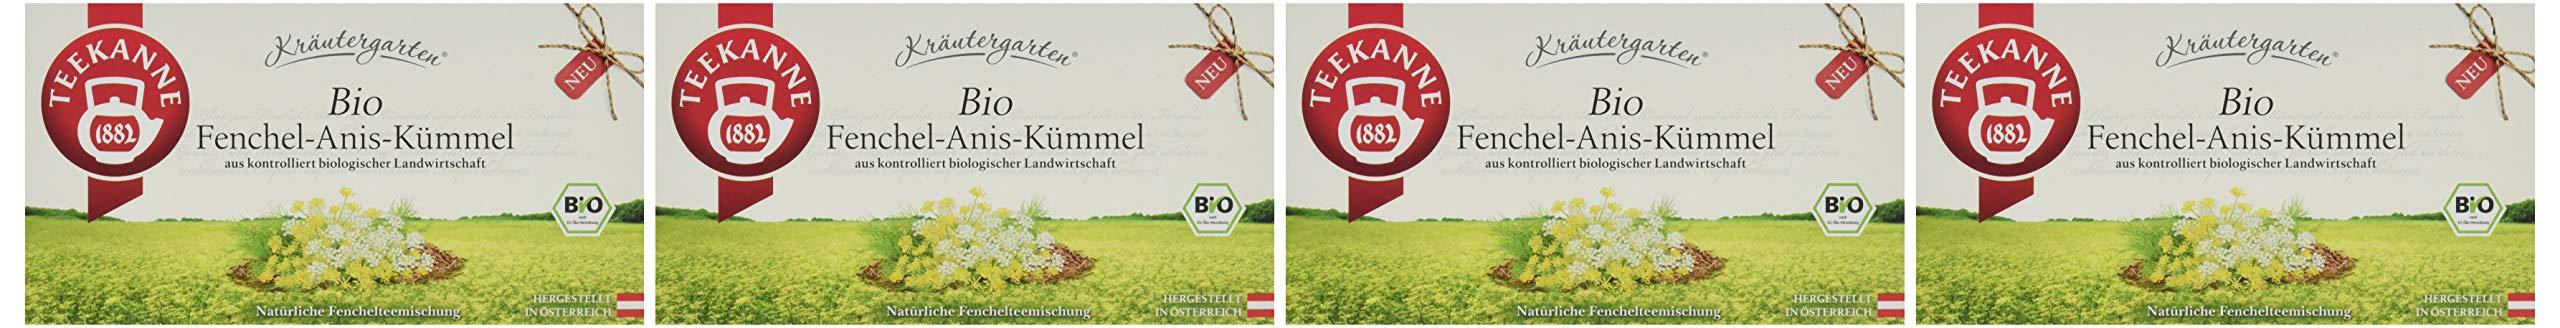 Teekanne-sterreich-Krutergaten-Fenchel-Anis-Kmmel-BIO-12er-Pack-12-x-45-g